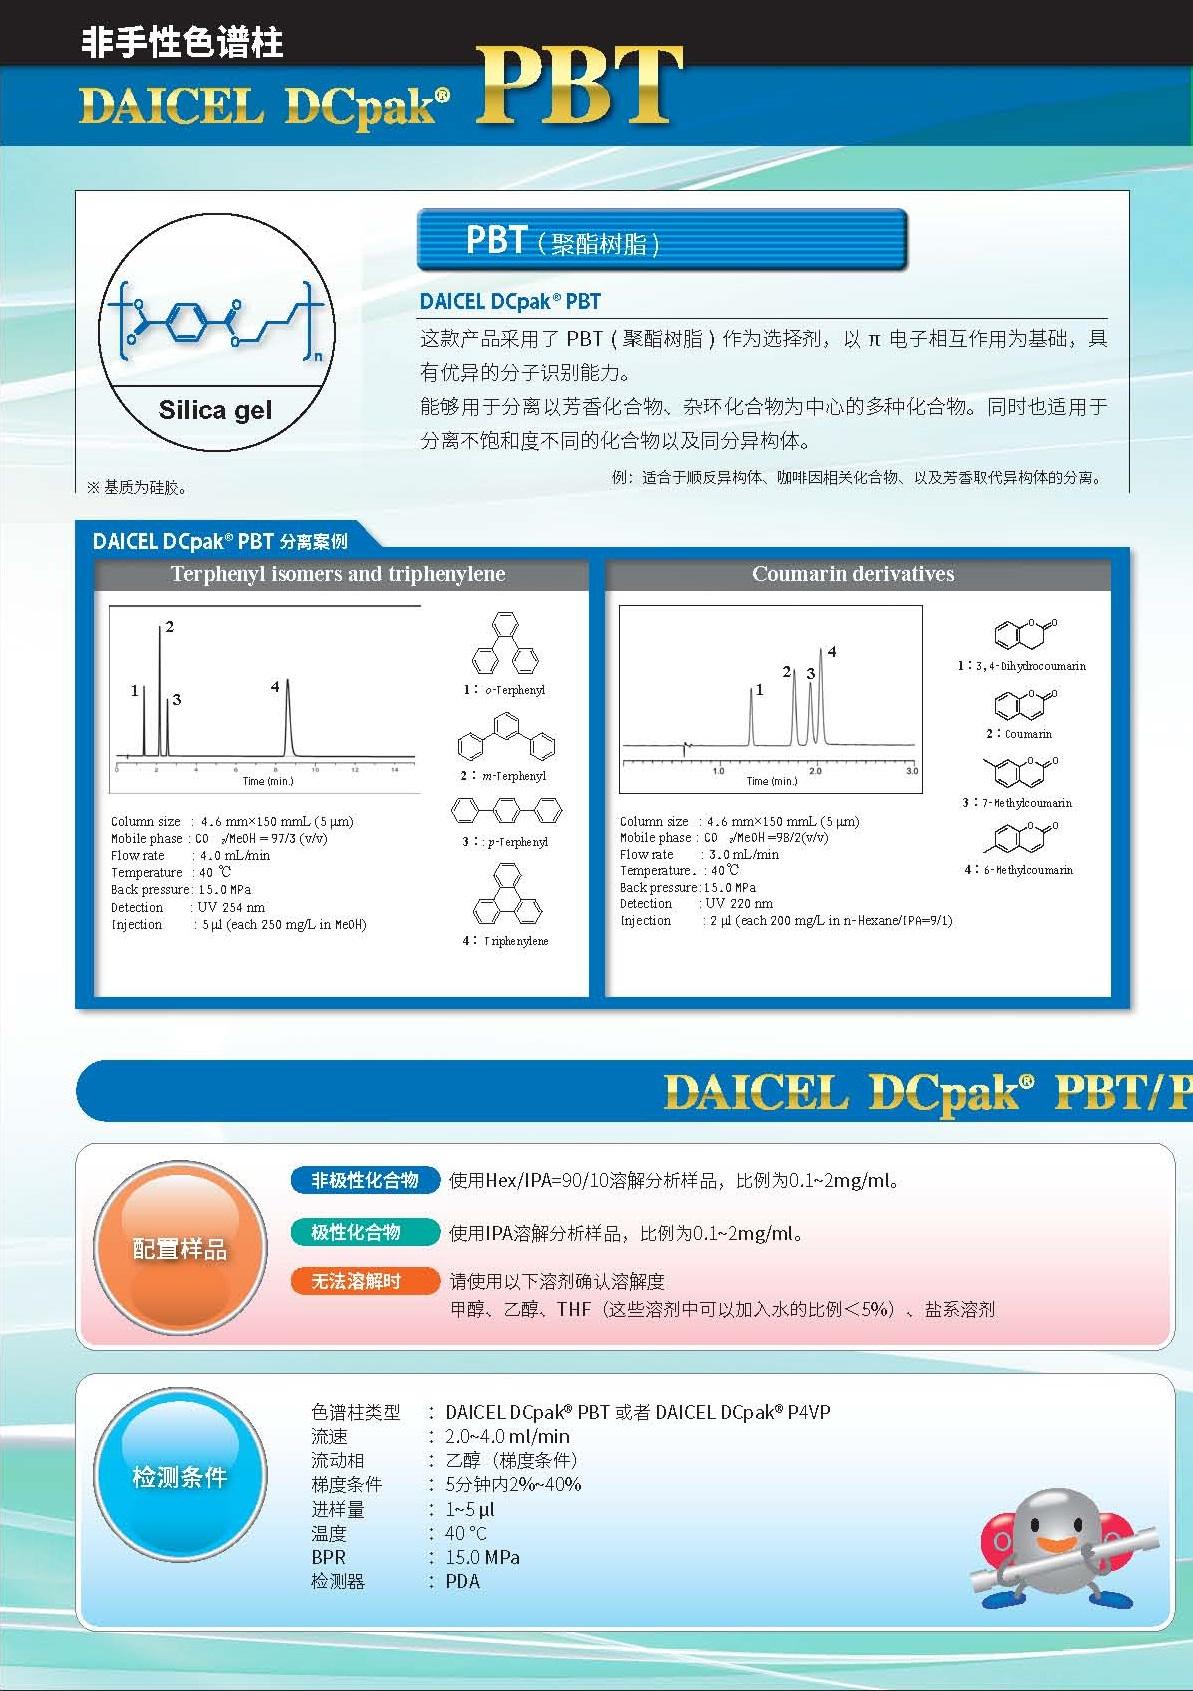 DAICEL DCpak® PBT ——合成聚酯类非手性色谱柱